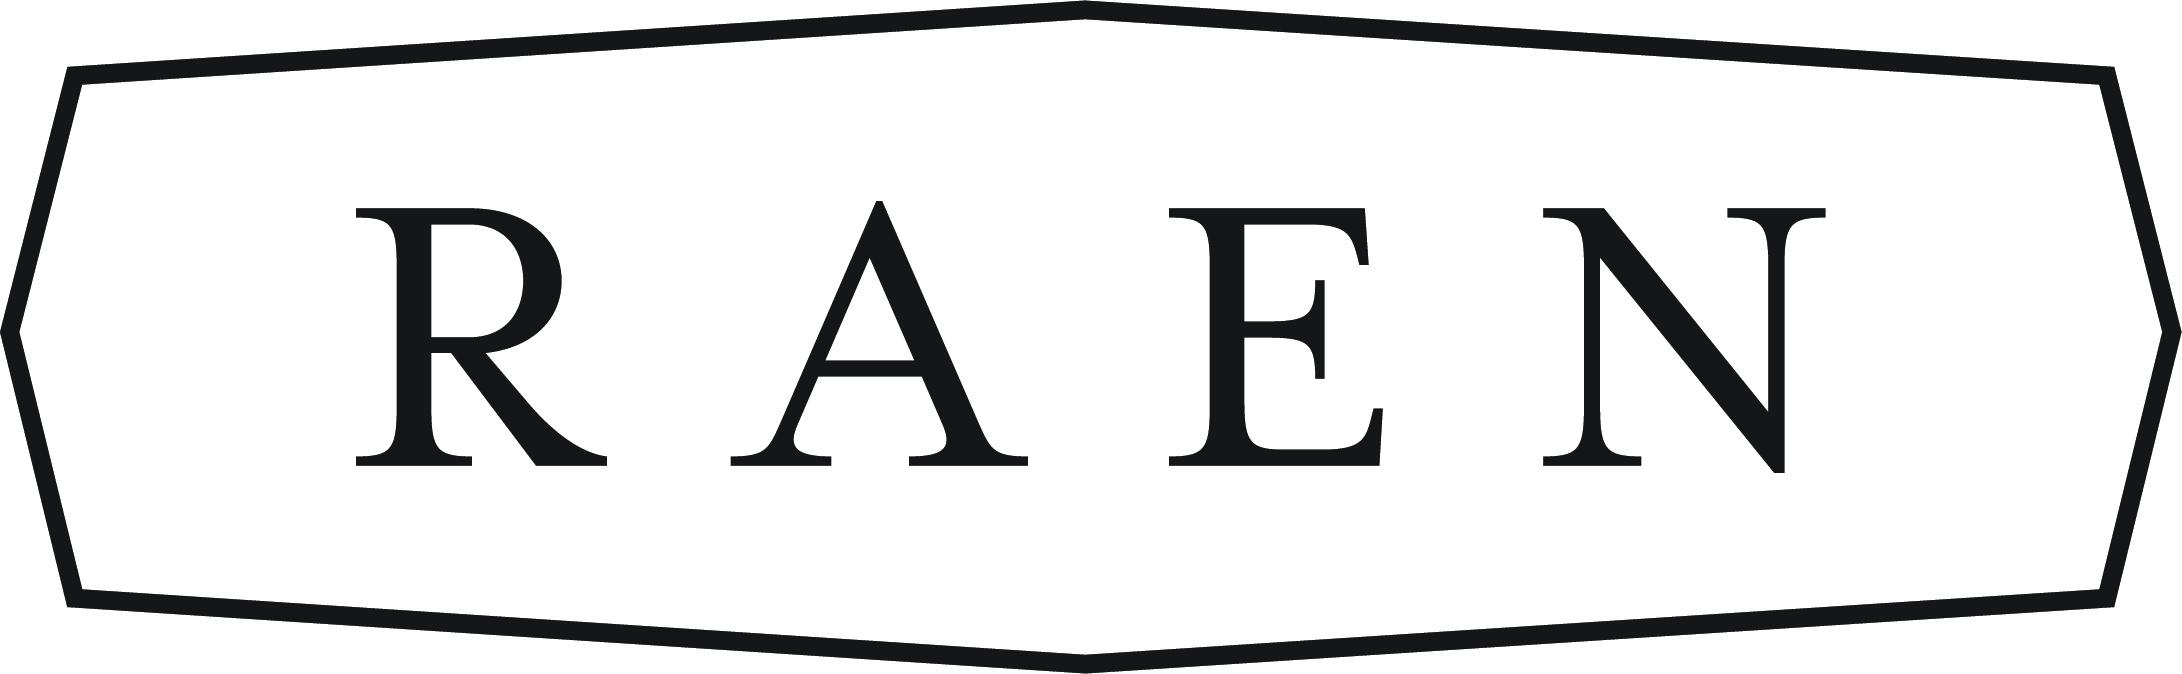 RAEN_Logo-Primary.jpg